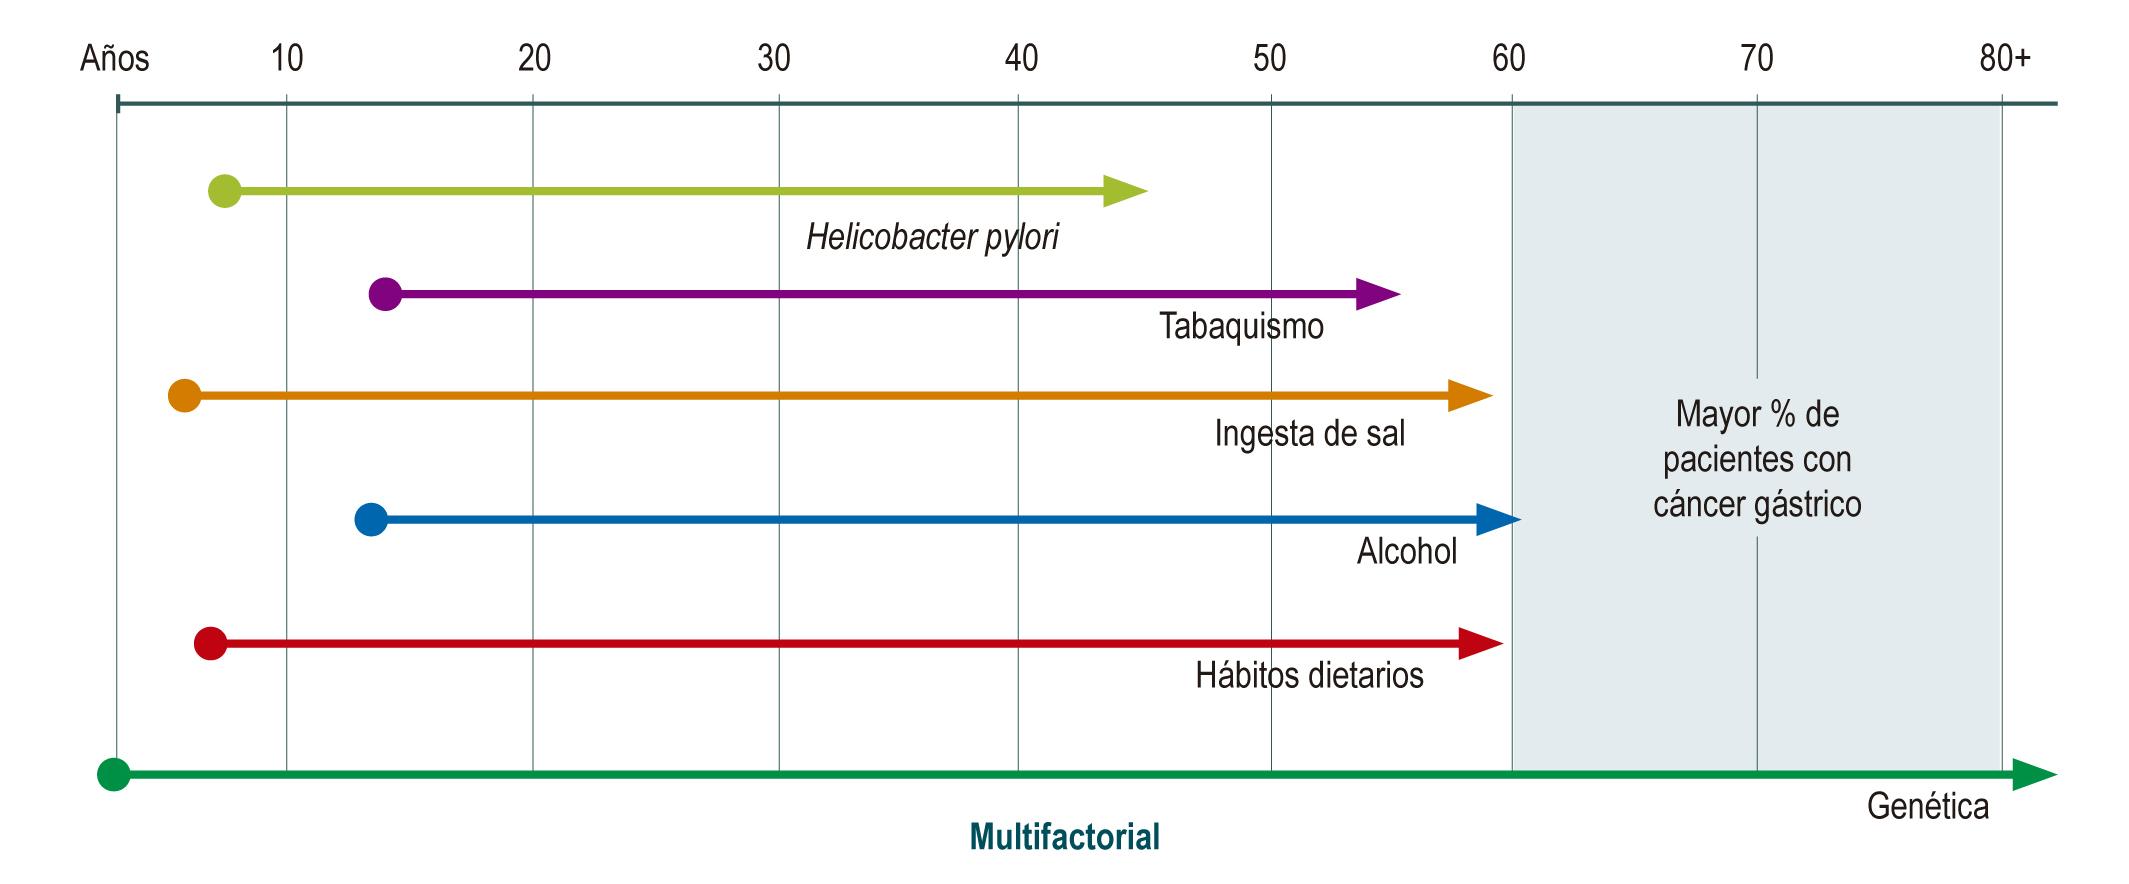 Figura 1. Cáncer gástrico. Factores de riesgo en el tiempo (historia natural). Elaboración propia.